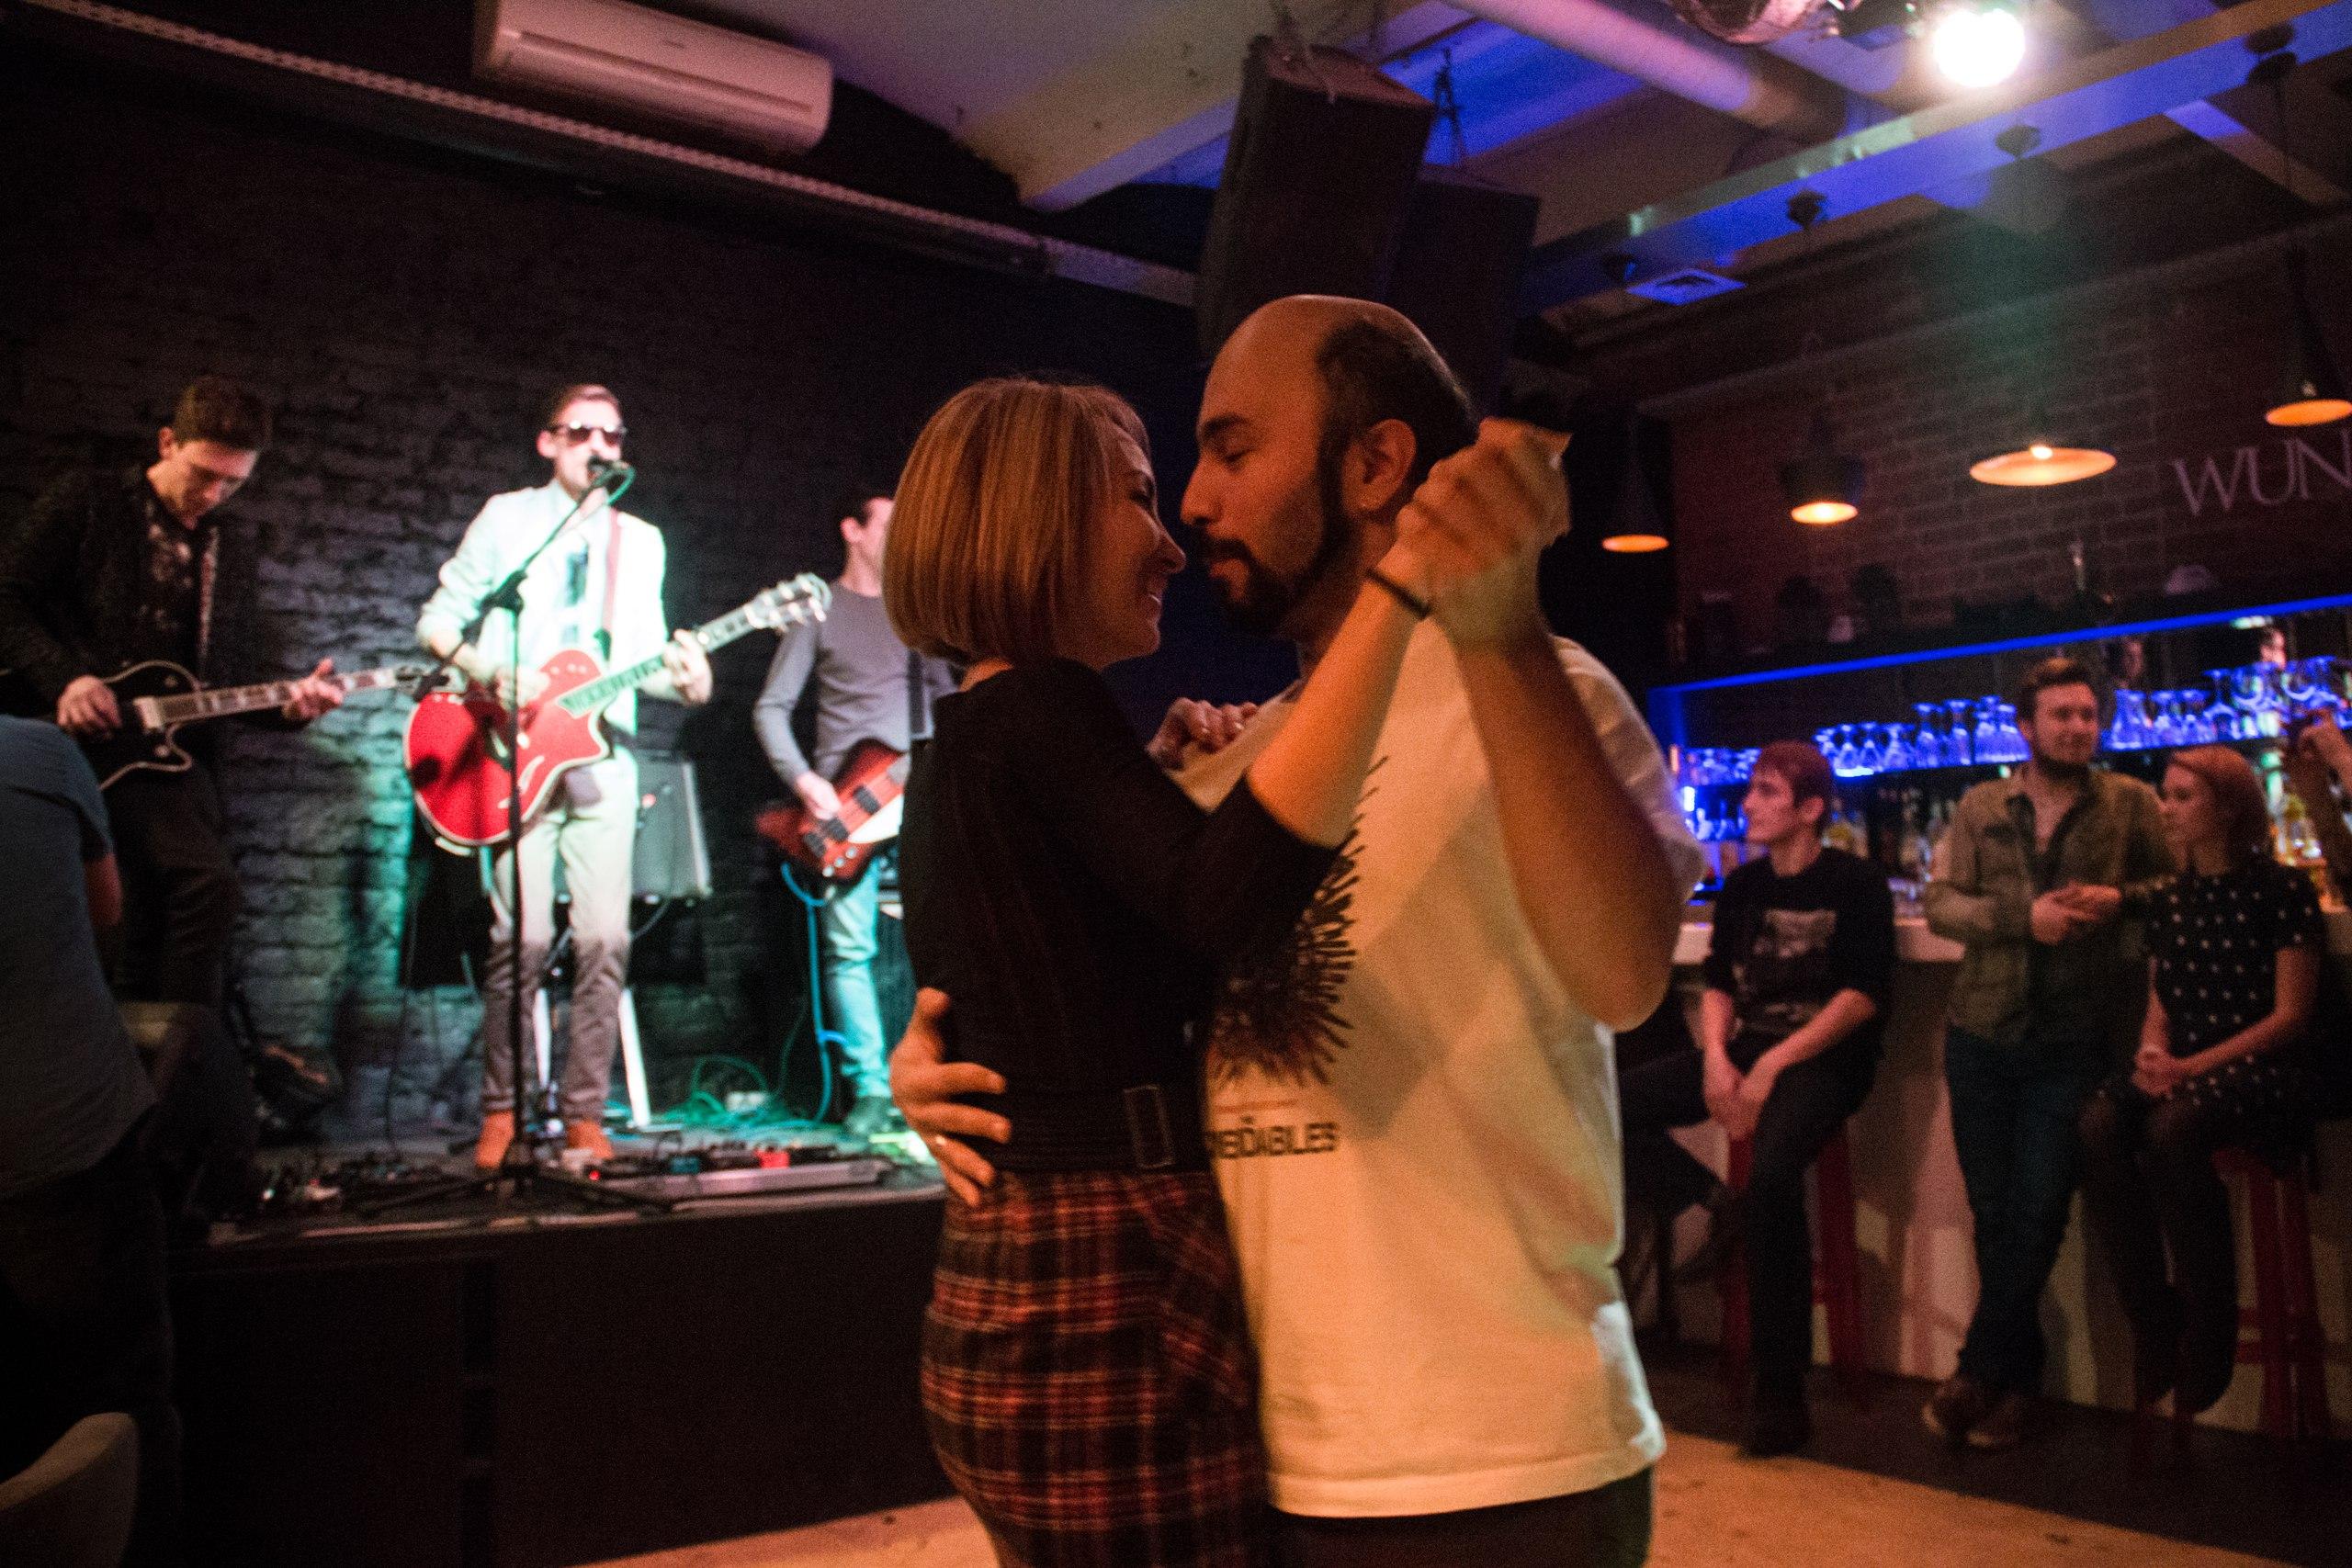 Концерт группы PROMENADE в Wunder Bar: репортаж, фото Дарья Снигирева